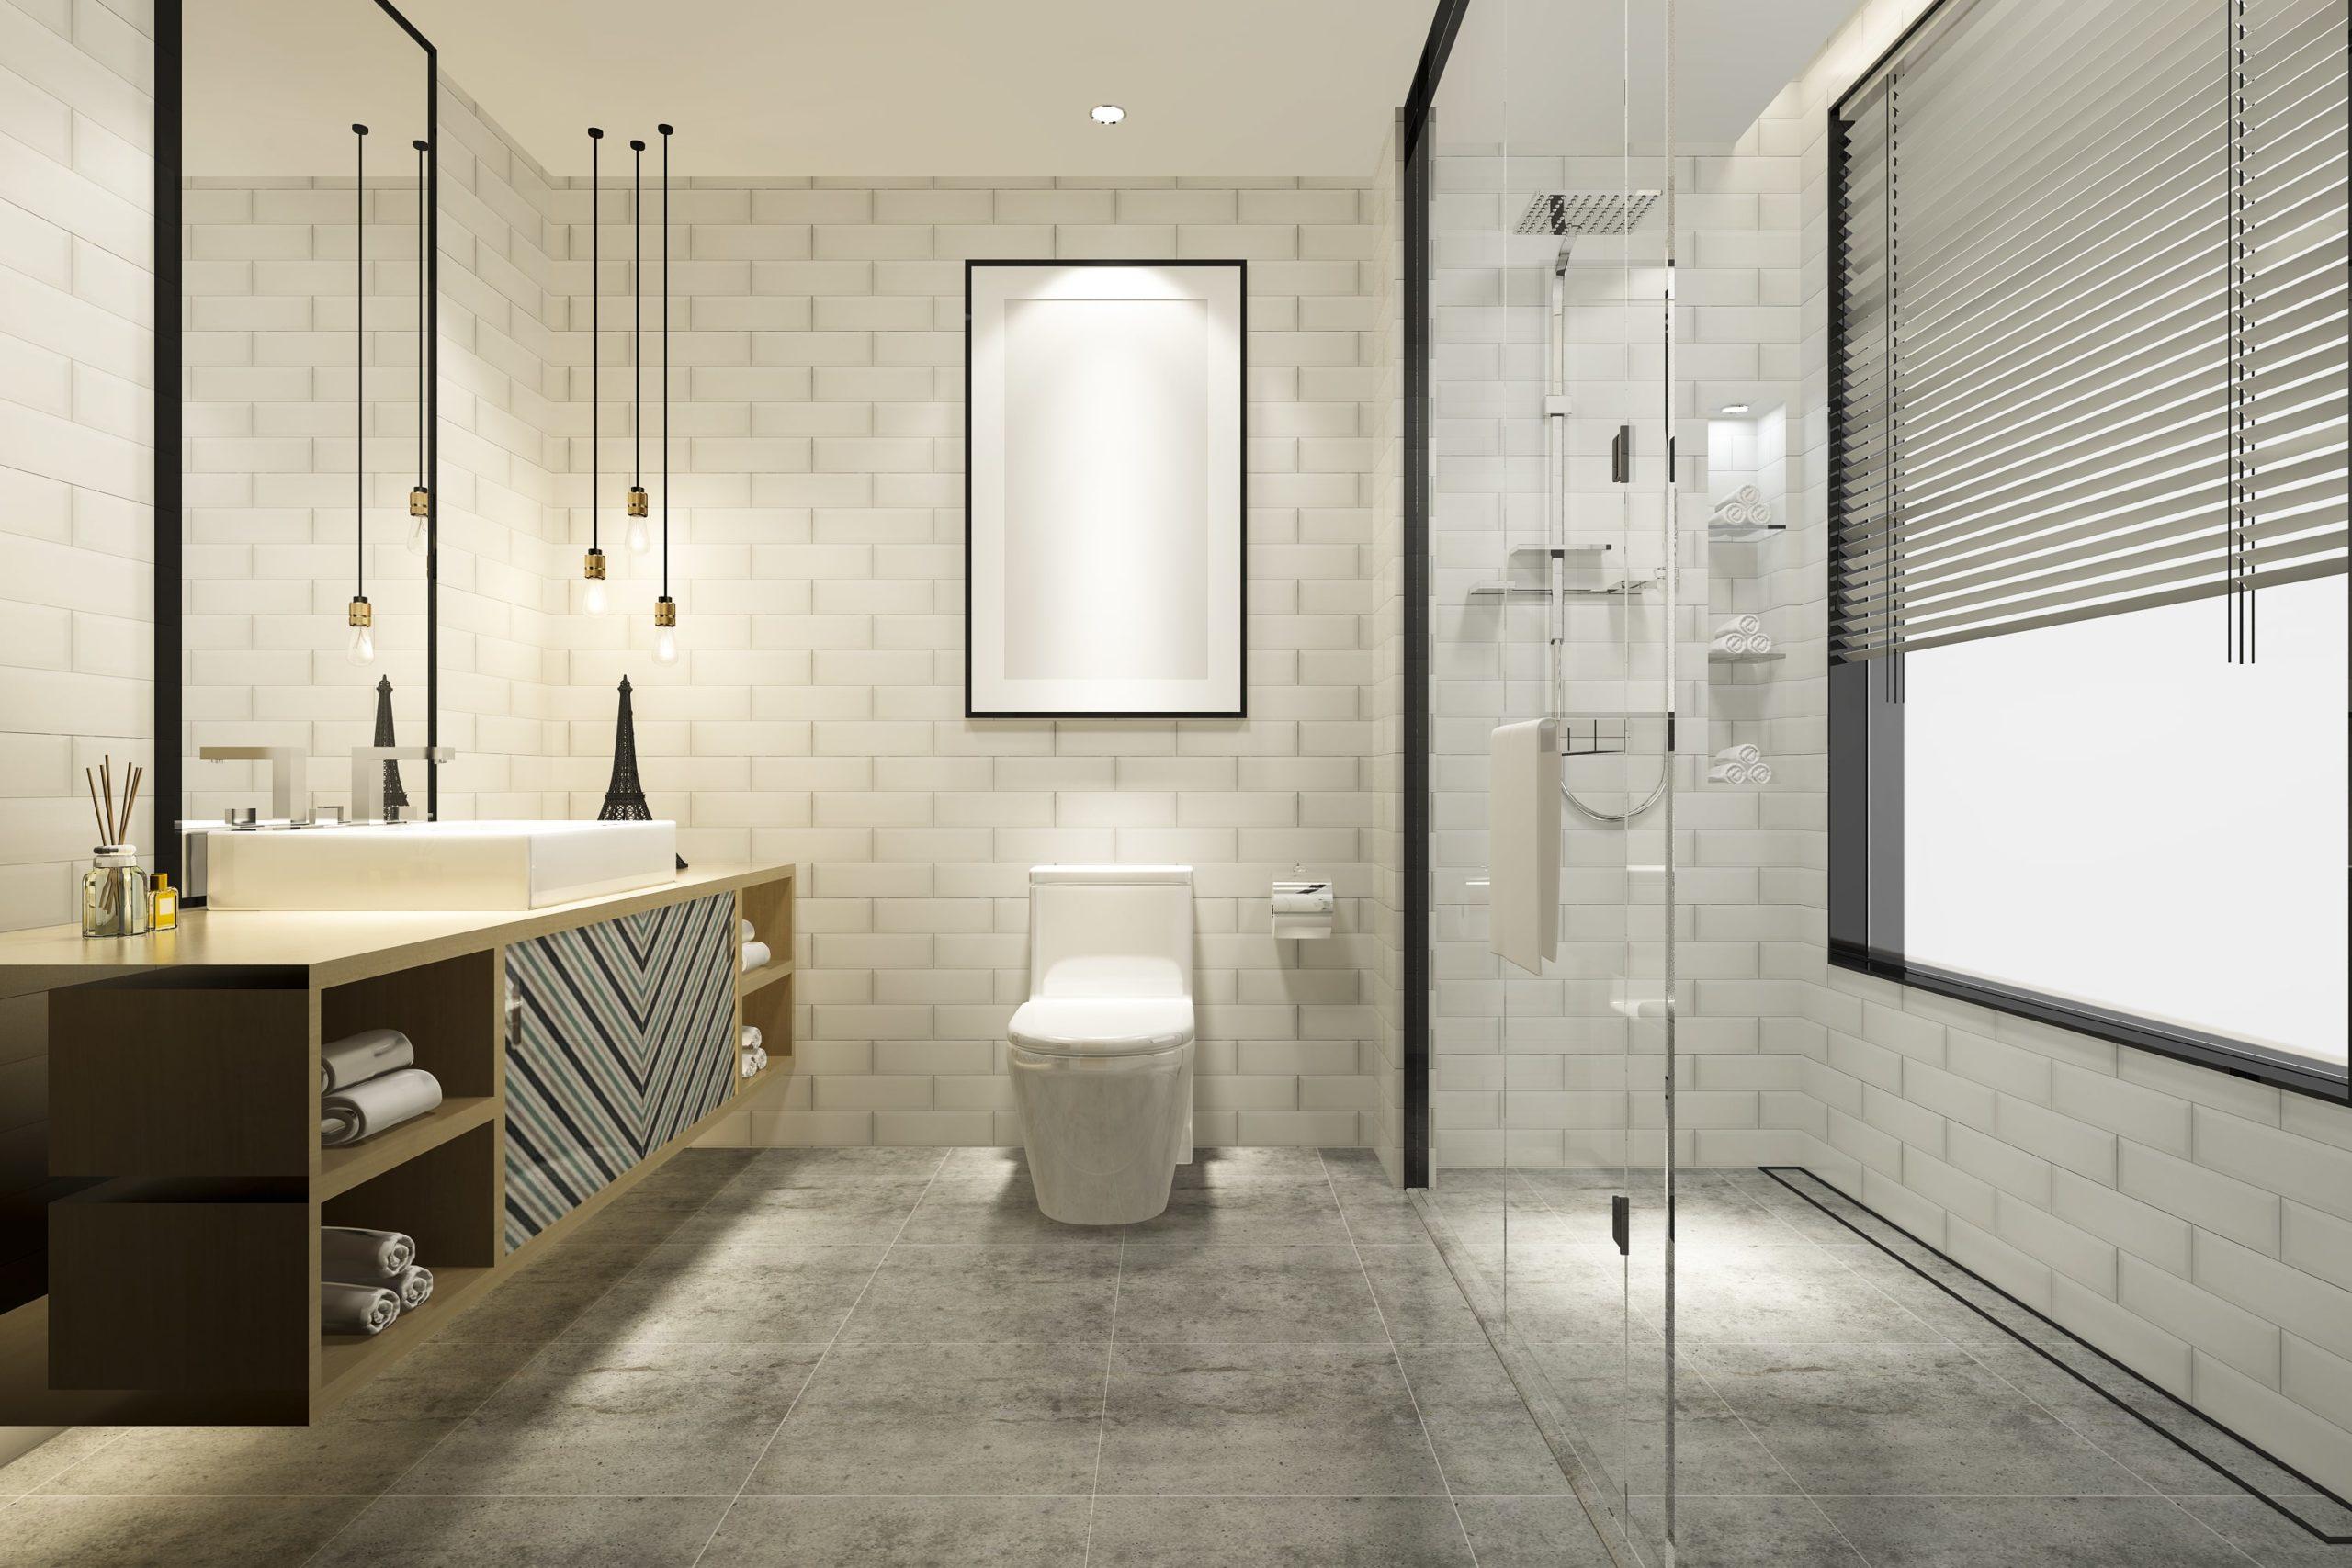 salle de bain campillo